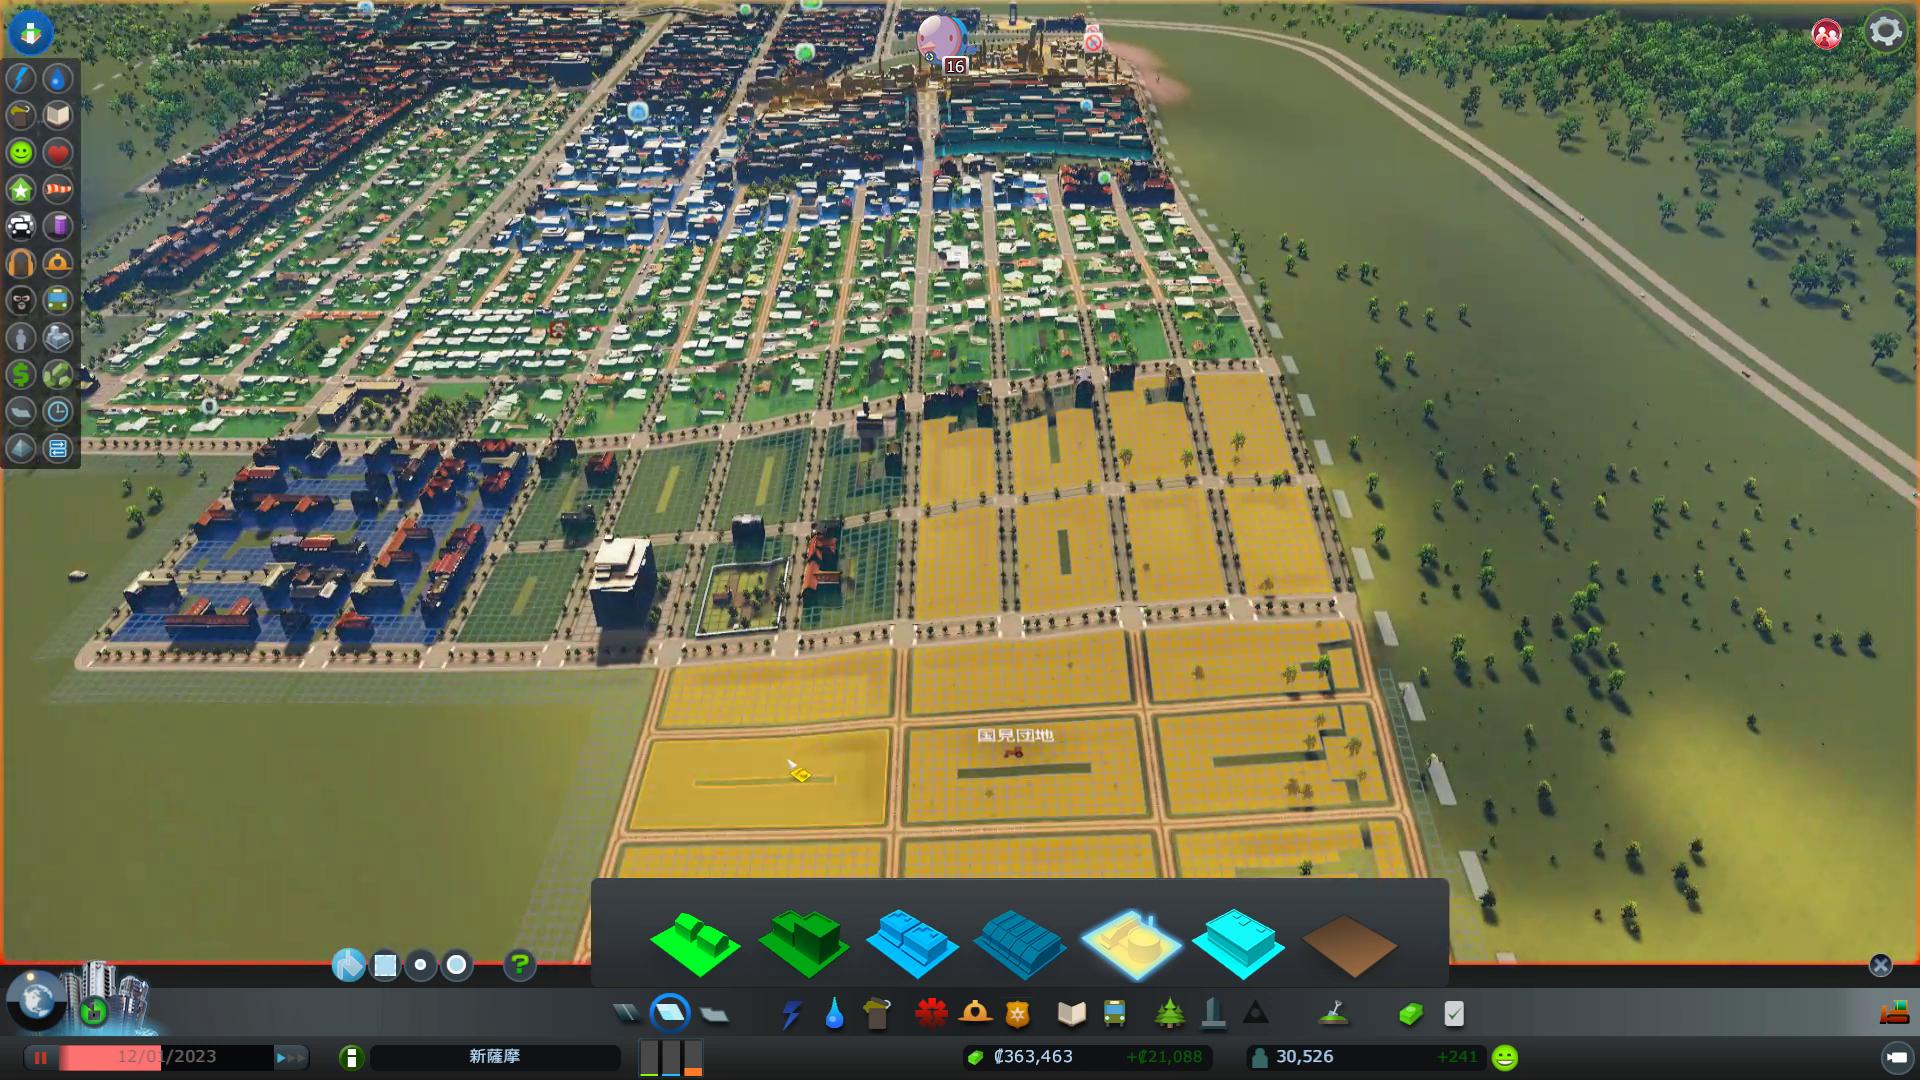 シティーズ スカイライン 農業 産業 - Cities:Skylines攻略情報wiki